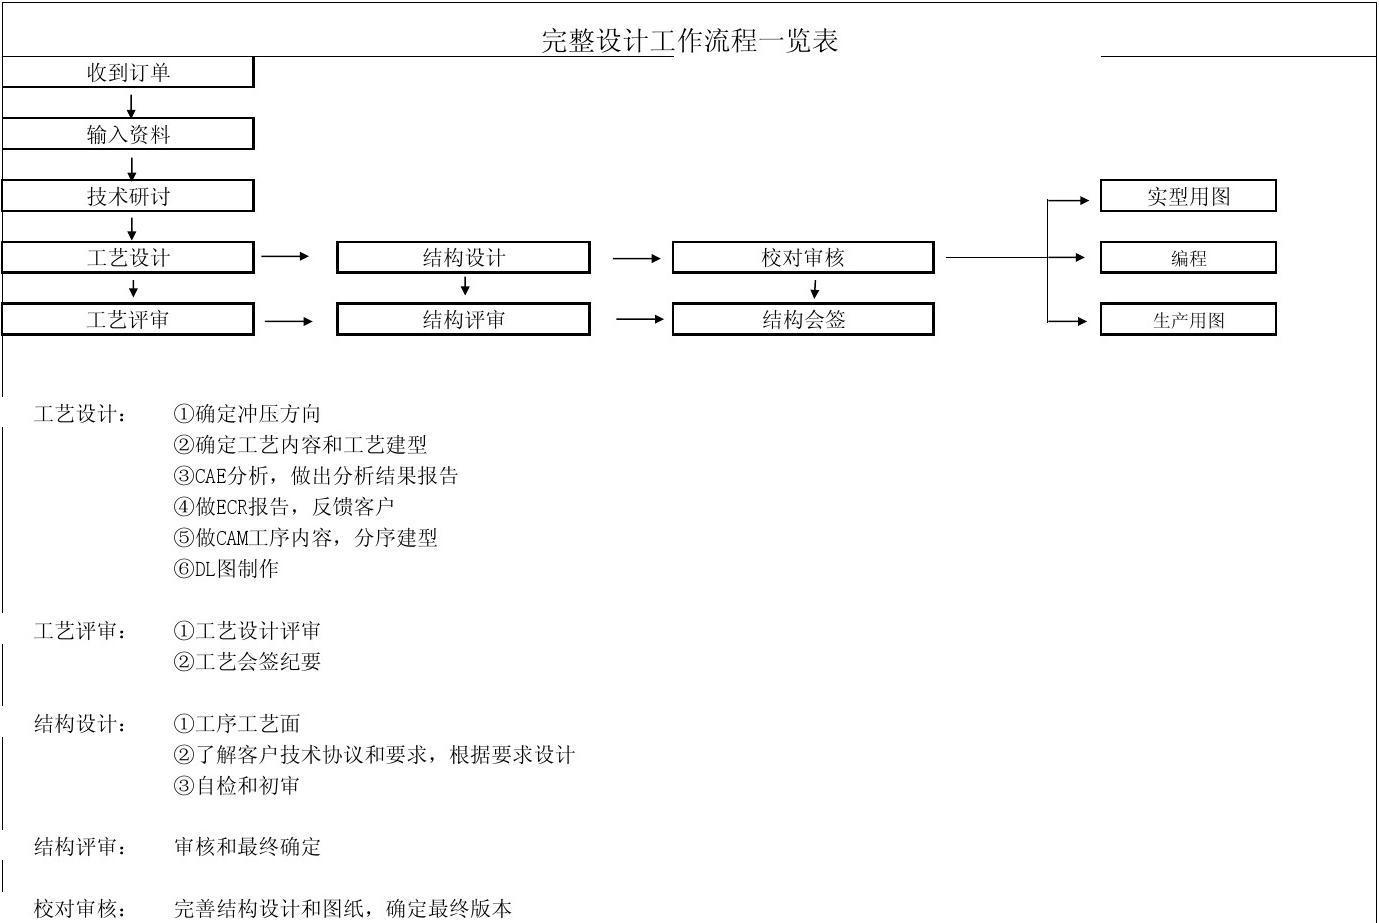 模具设计工作流程一览表平面设计软件能使用机上在手吗图片